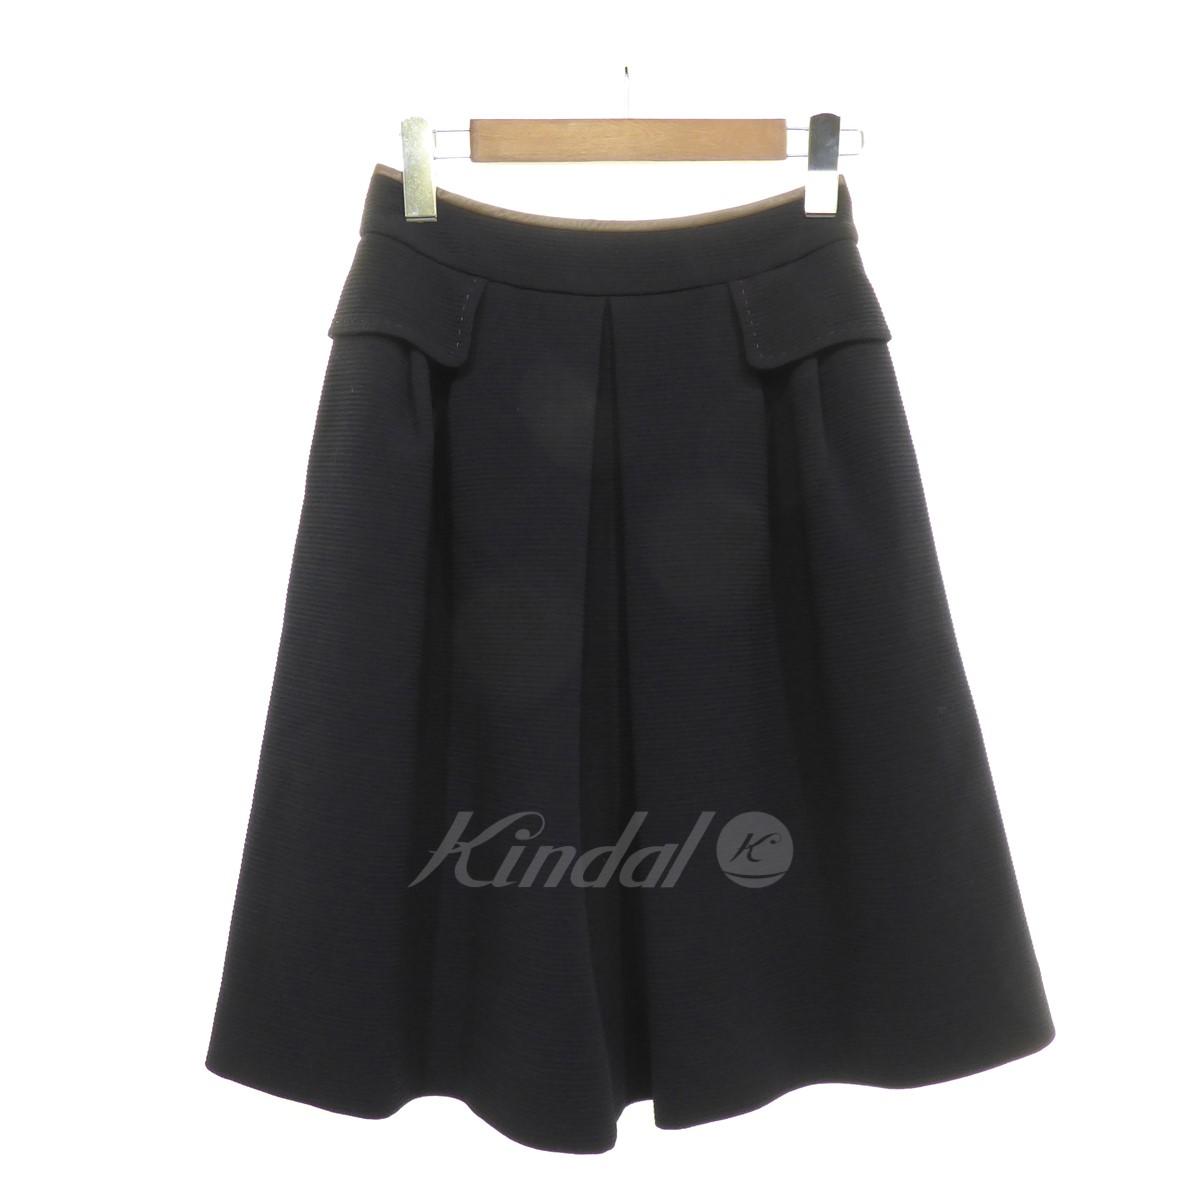 【中古】FOXEY 【2016】 Skirt Jasmine スカート ミッドナイトブルー サイズ:38 【送料無料】 【040119】(フォクシー)